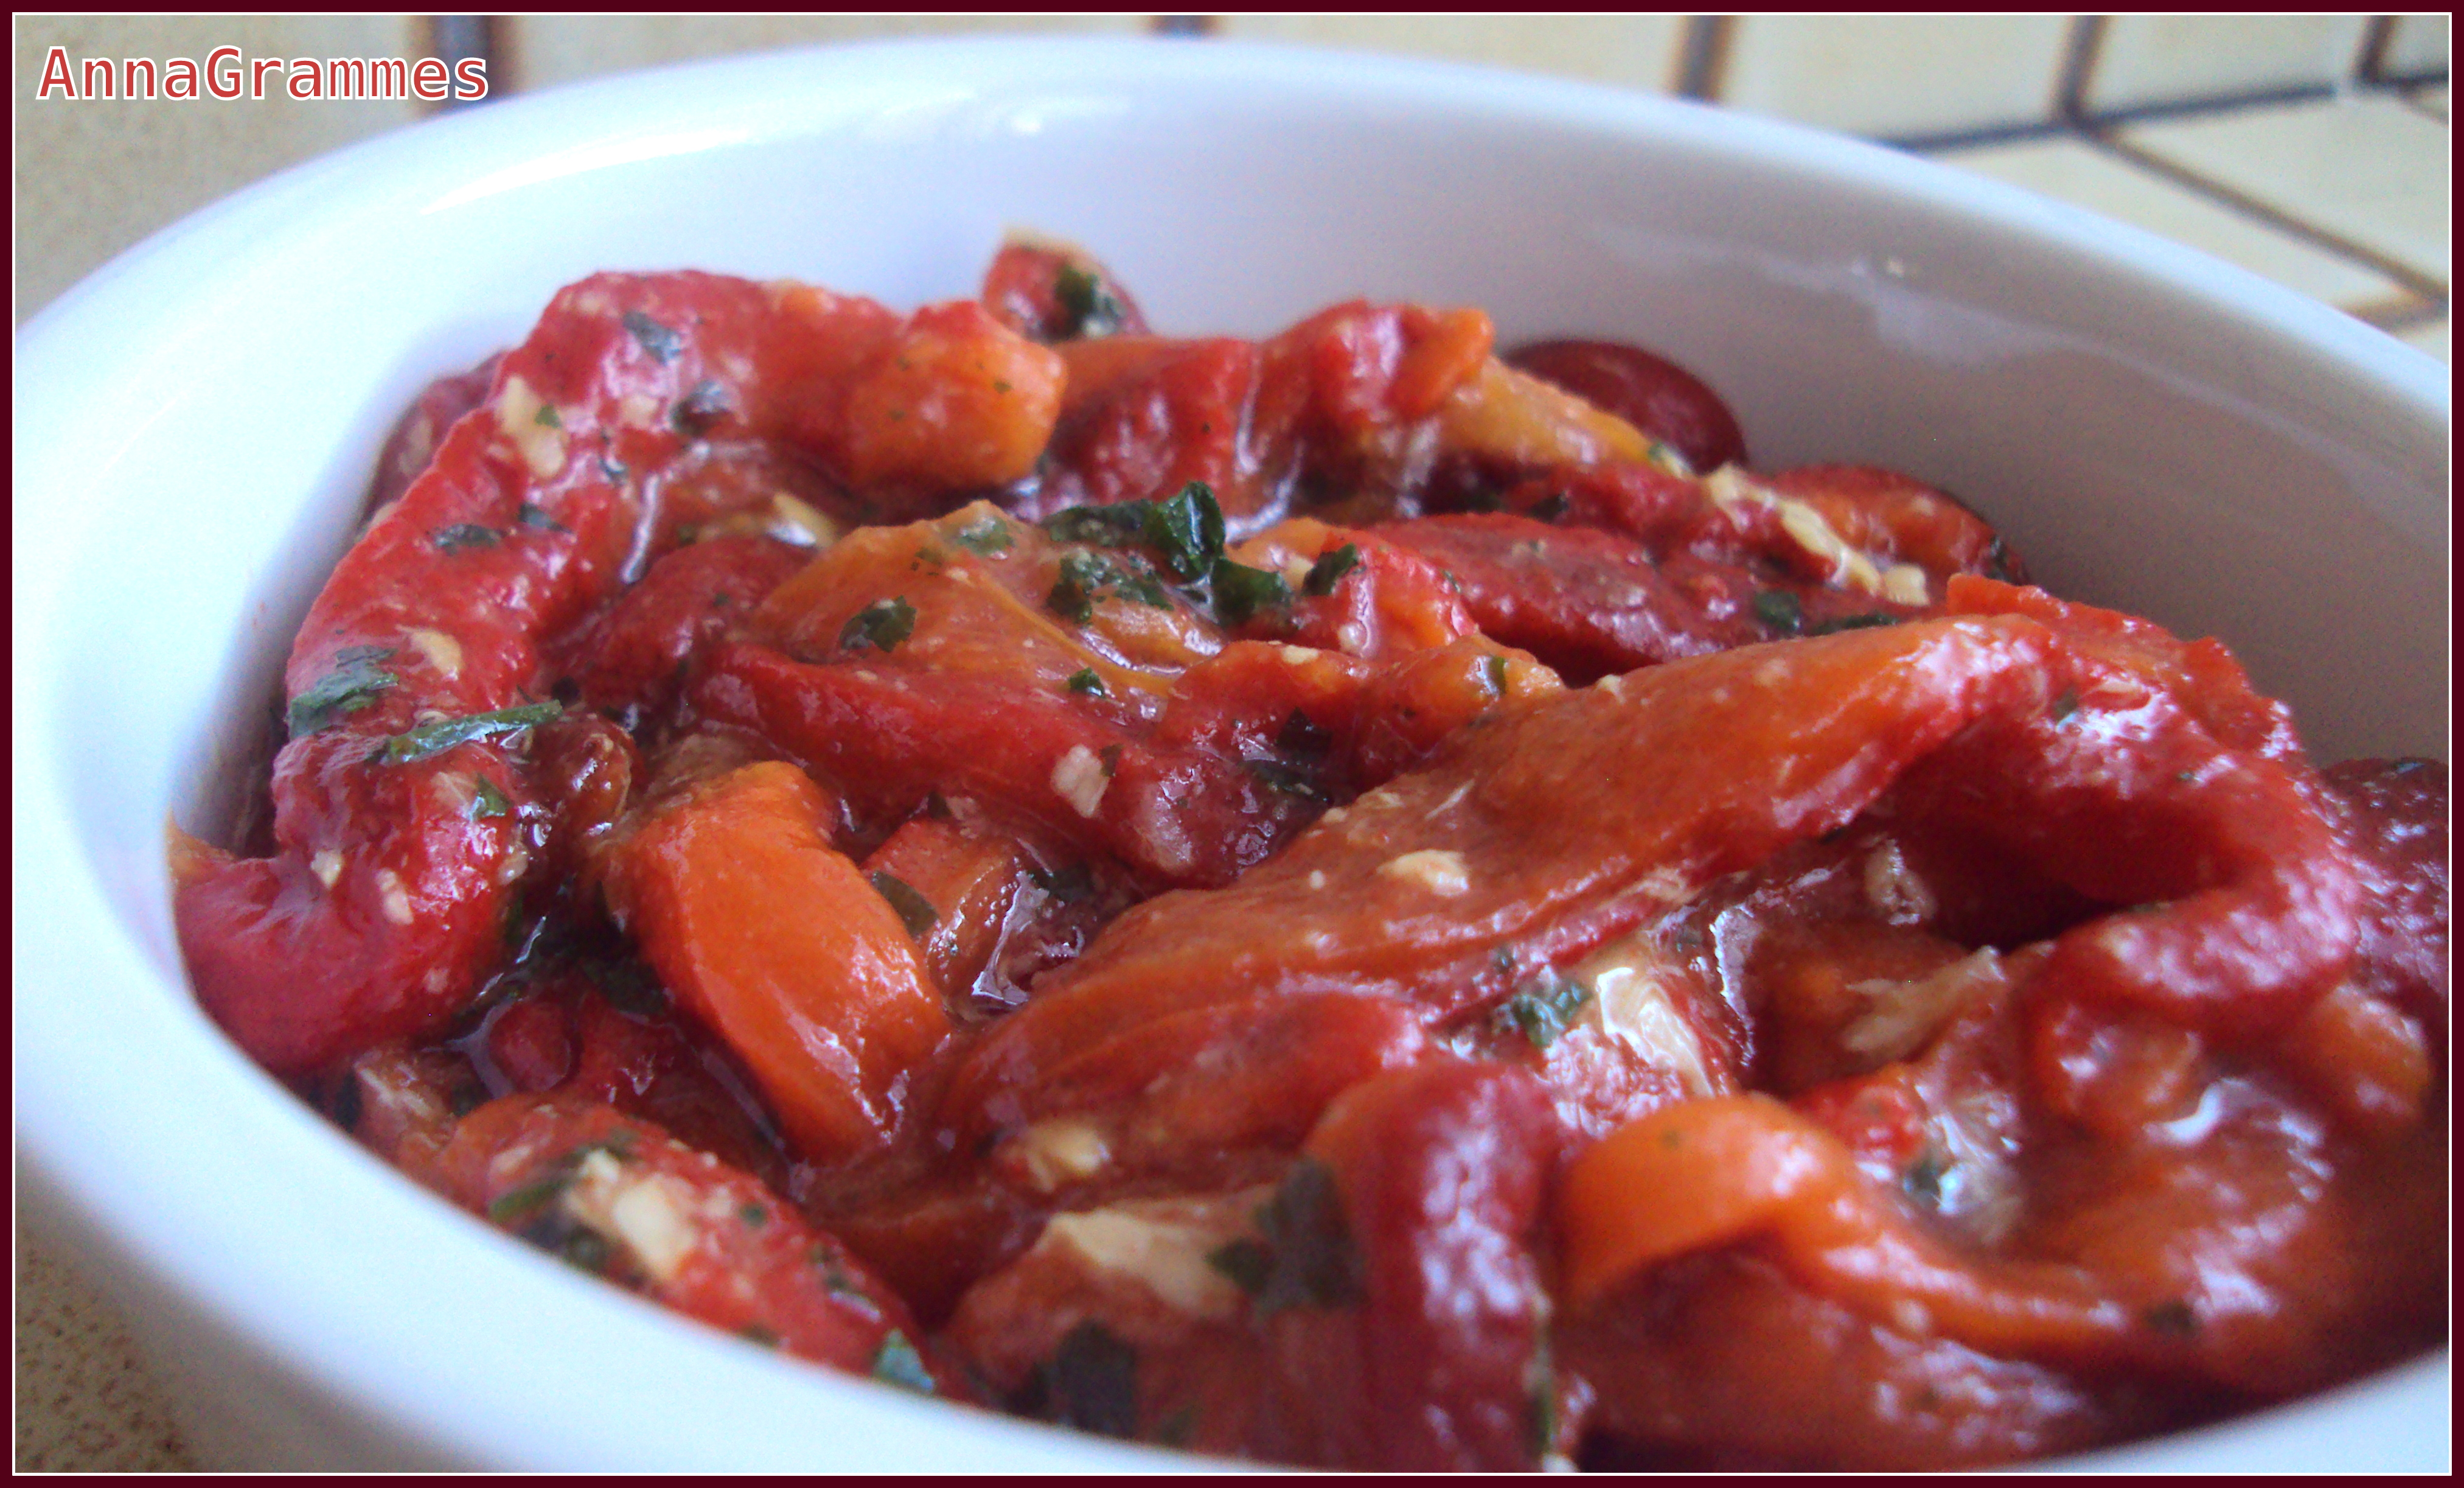 Salade de poivrons marin s annagrammes cuisine - Que cuisiner avec des poivrons ...